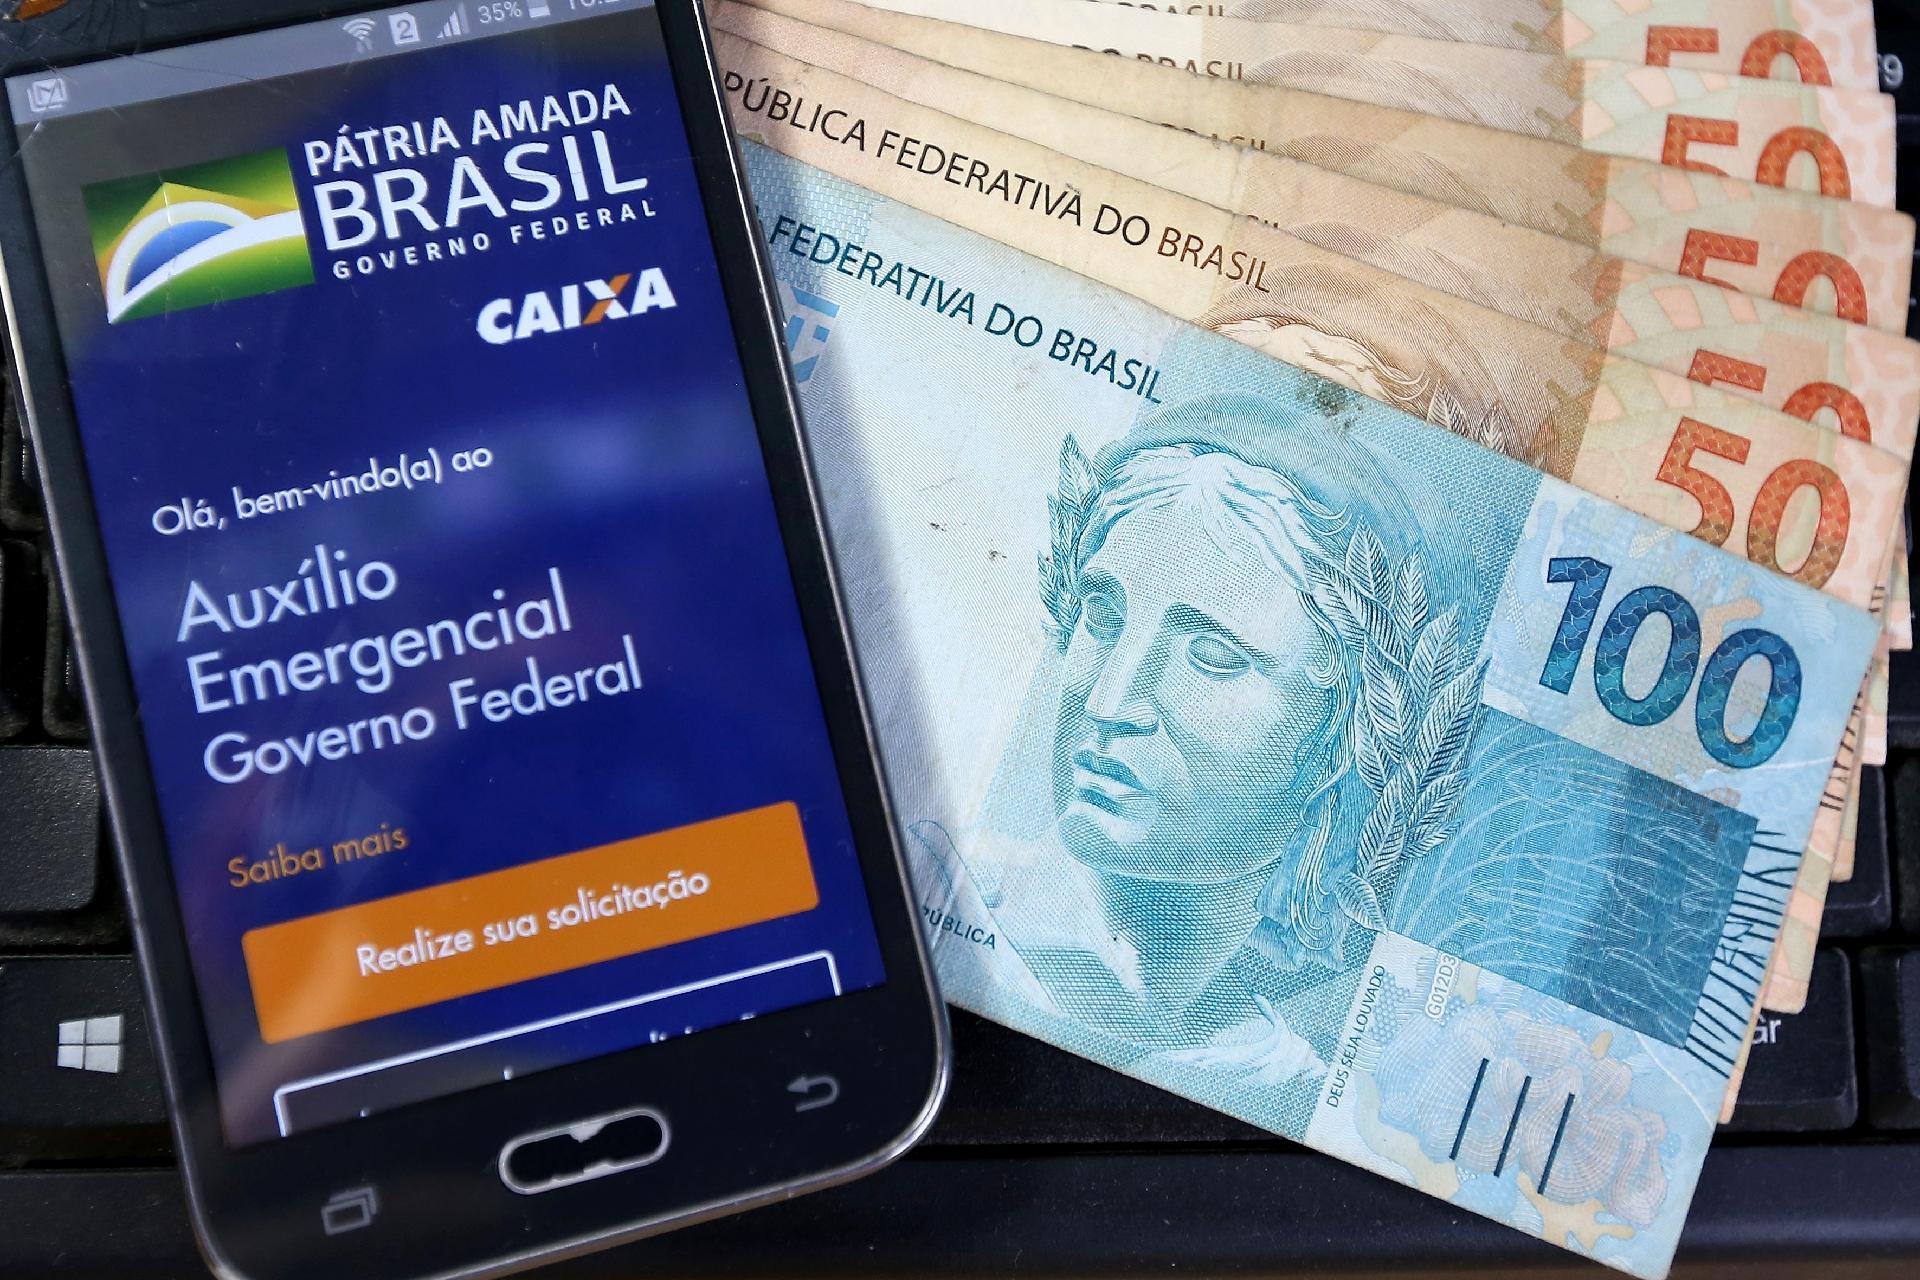 Auxílio Emergencial: Caixa paga nova parcela a 3,9 milhões de inscritos via app, site e Correios nascidos em junho